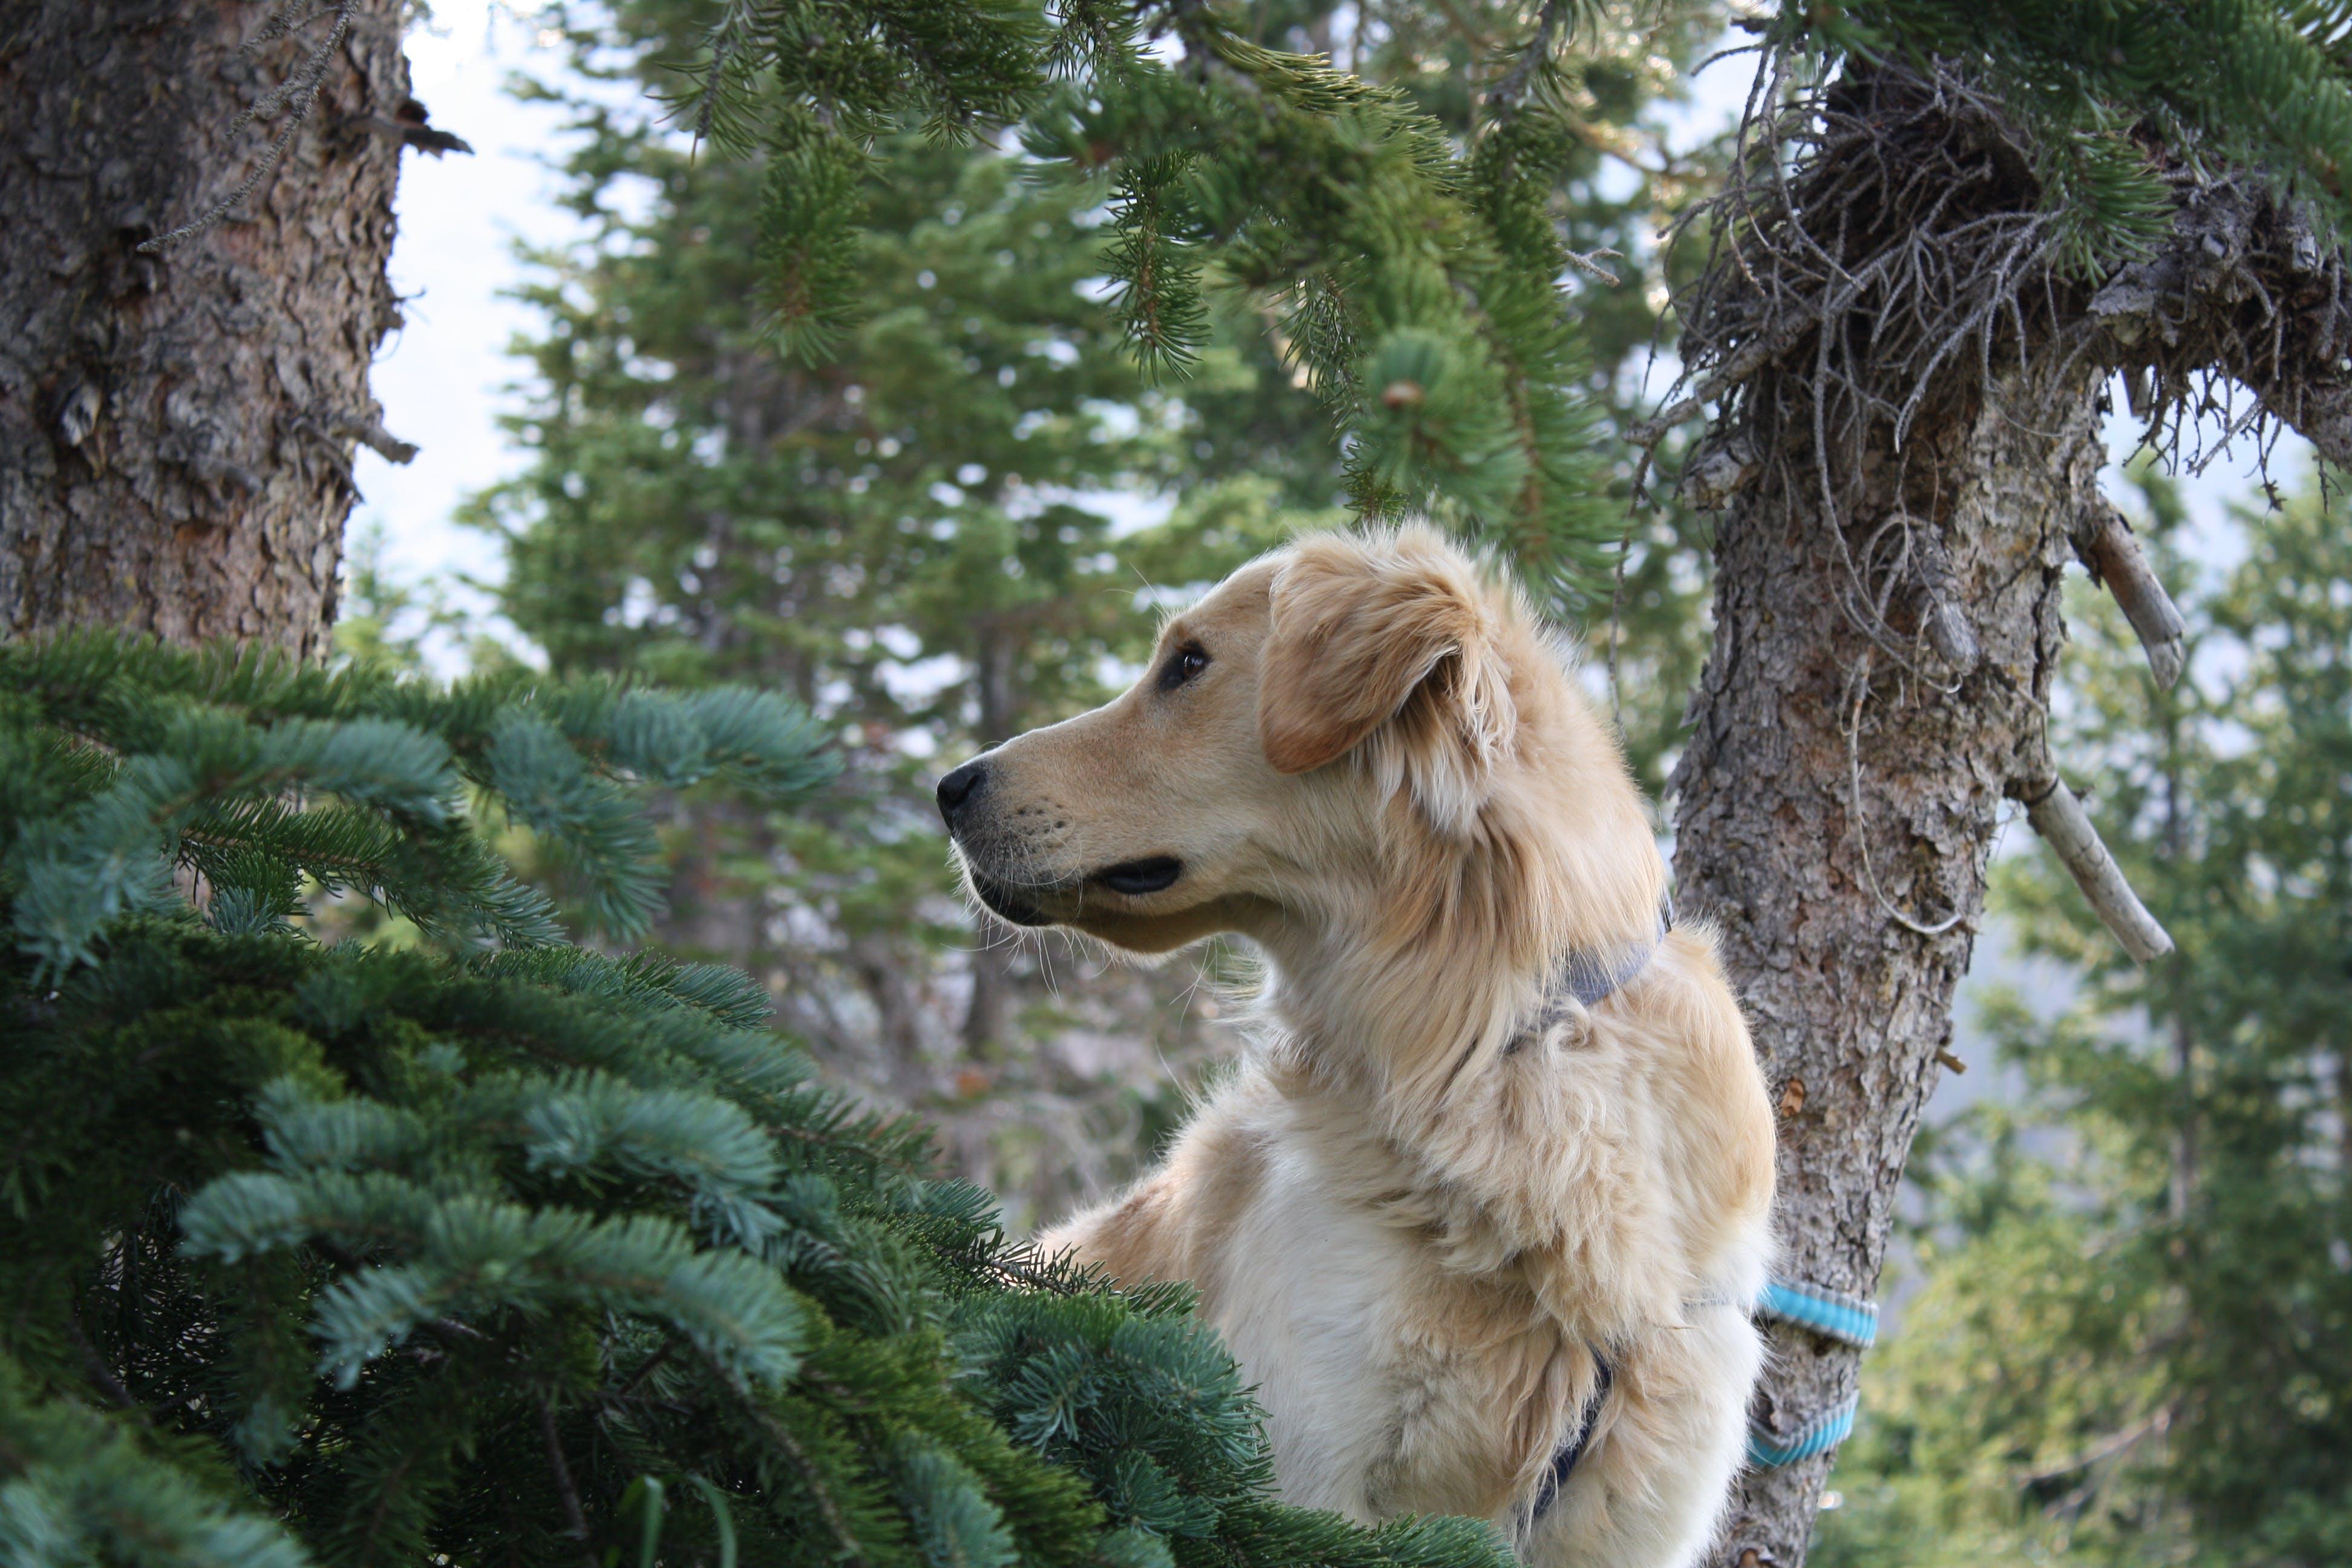 ゴールデンレトリバー, パーク, ペット, 動物の無料の写真素材